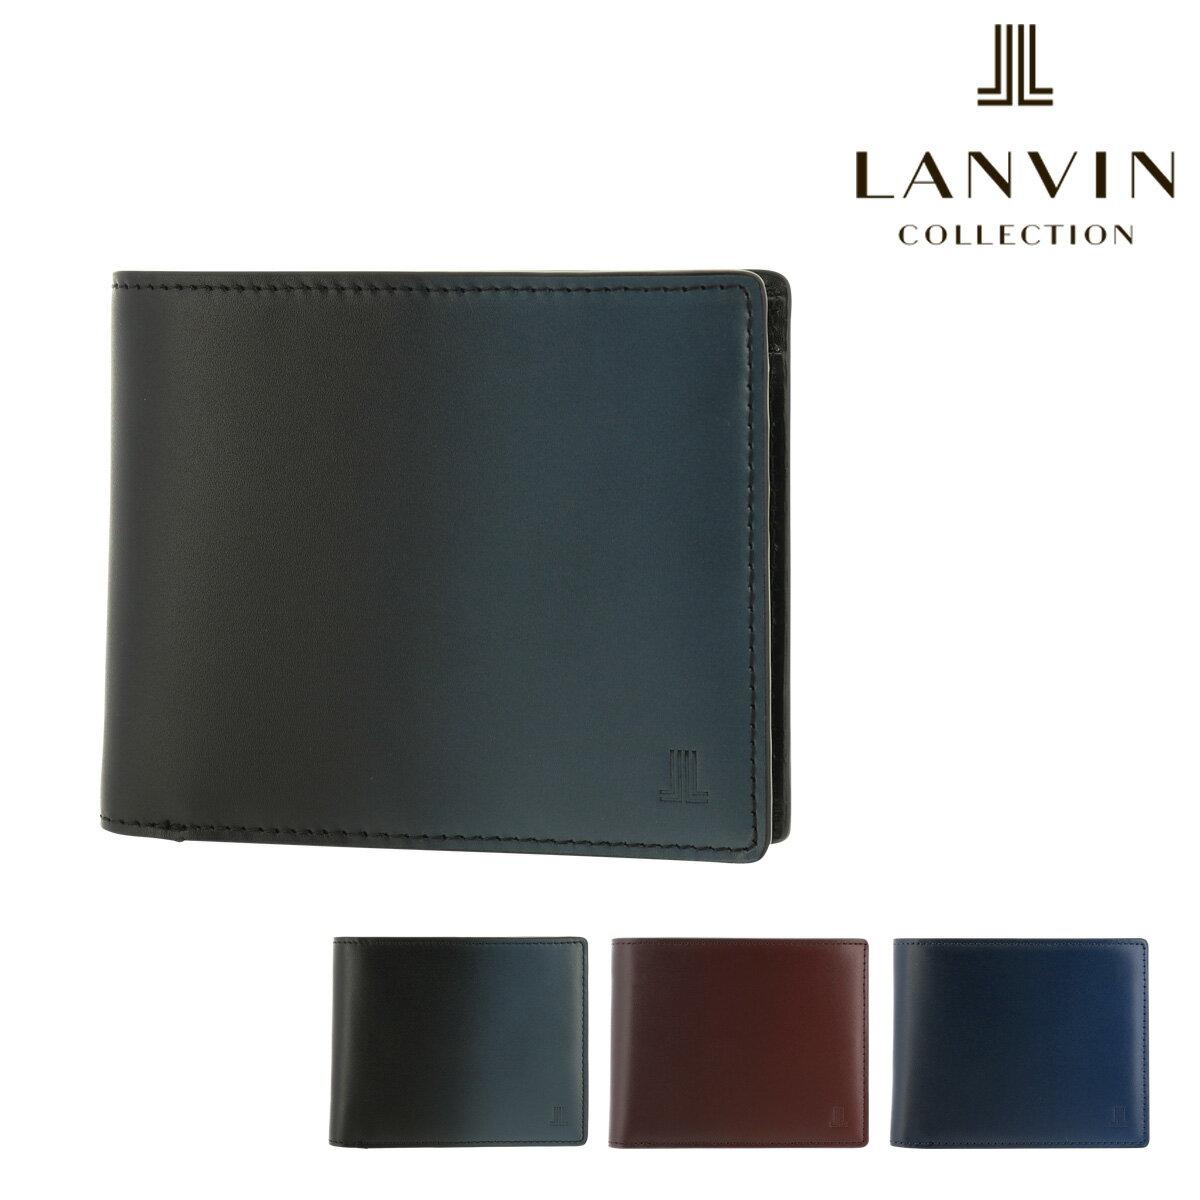 ランバンコレクション 二つ折り財布 レザーグラデーション メンズ JLMW8IS2 | 本革 レザー ブランド専用BOX付き[bef][PO5]